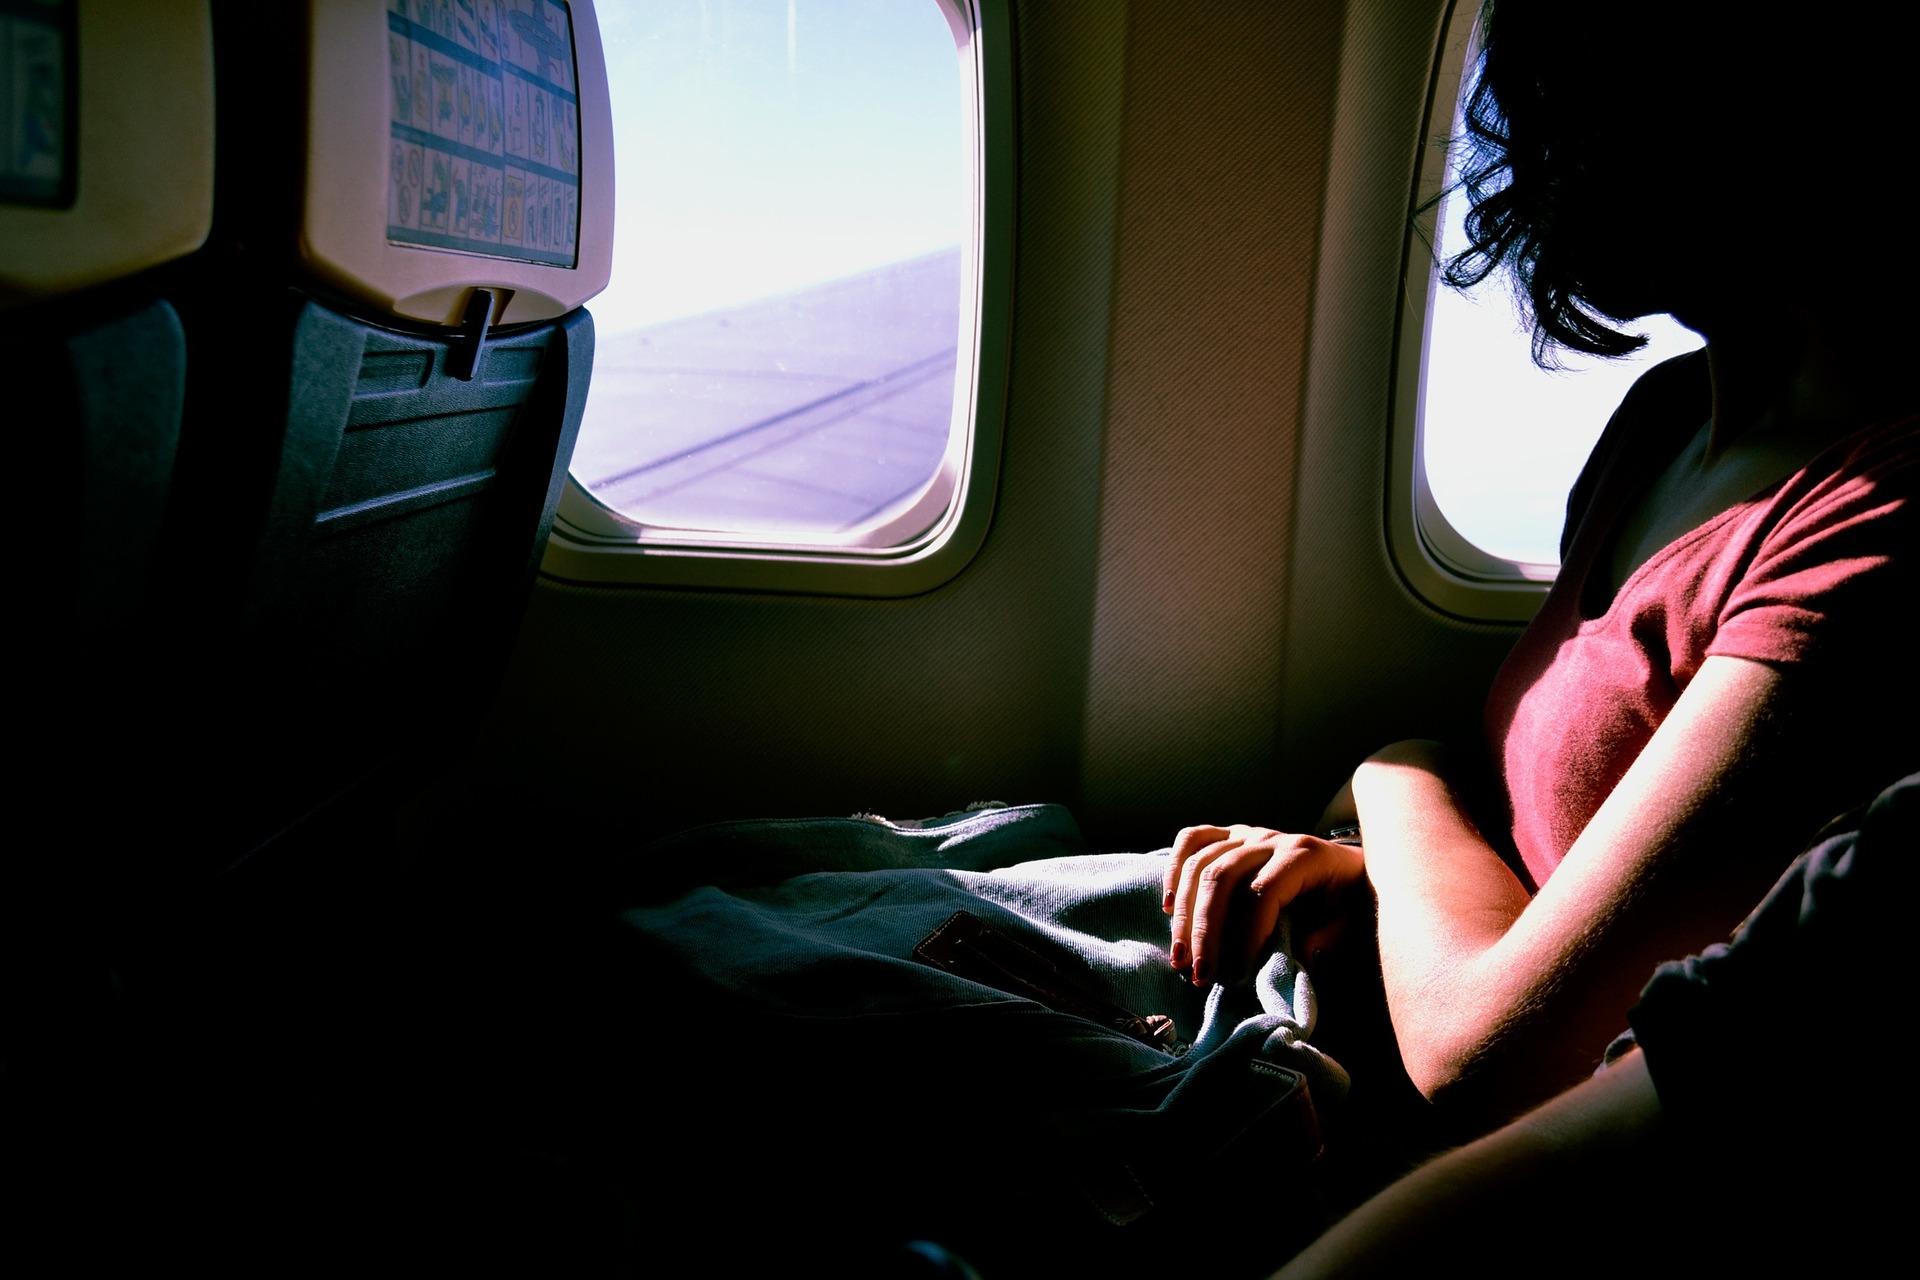 Viaggiare comodi in aereo: consigli utili